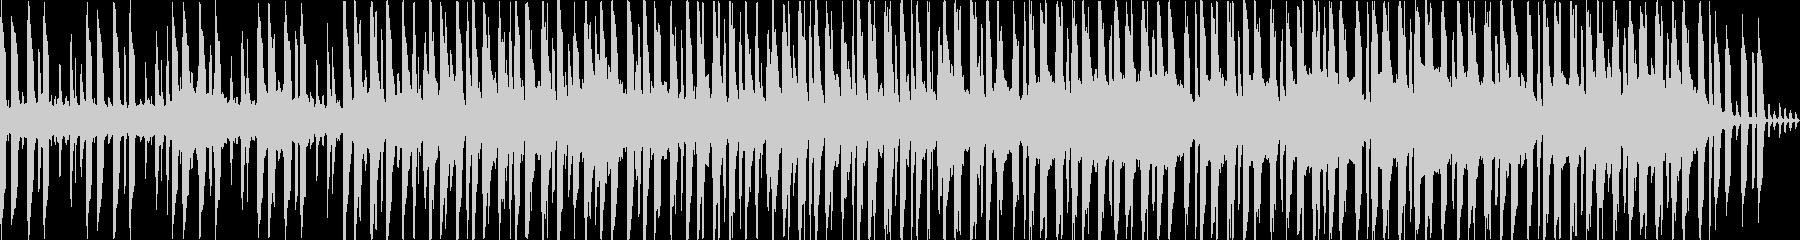 【ループ】あやしい密林を探索する民族曲の未再生の波形